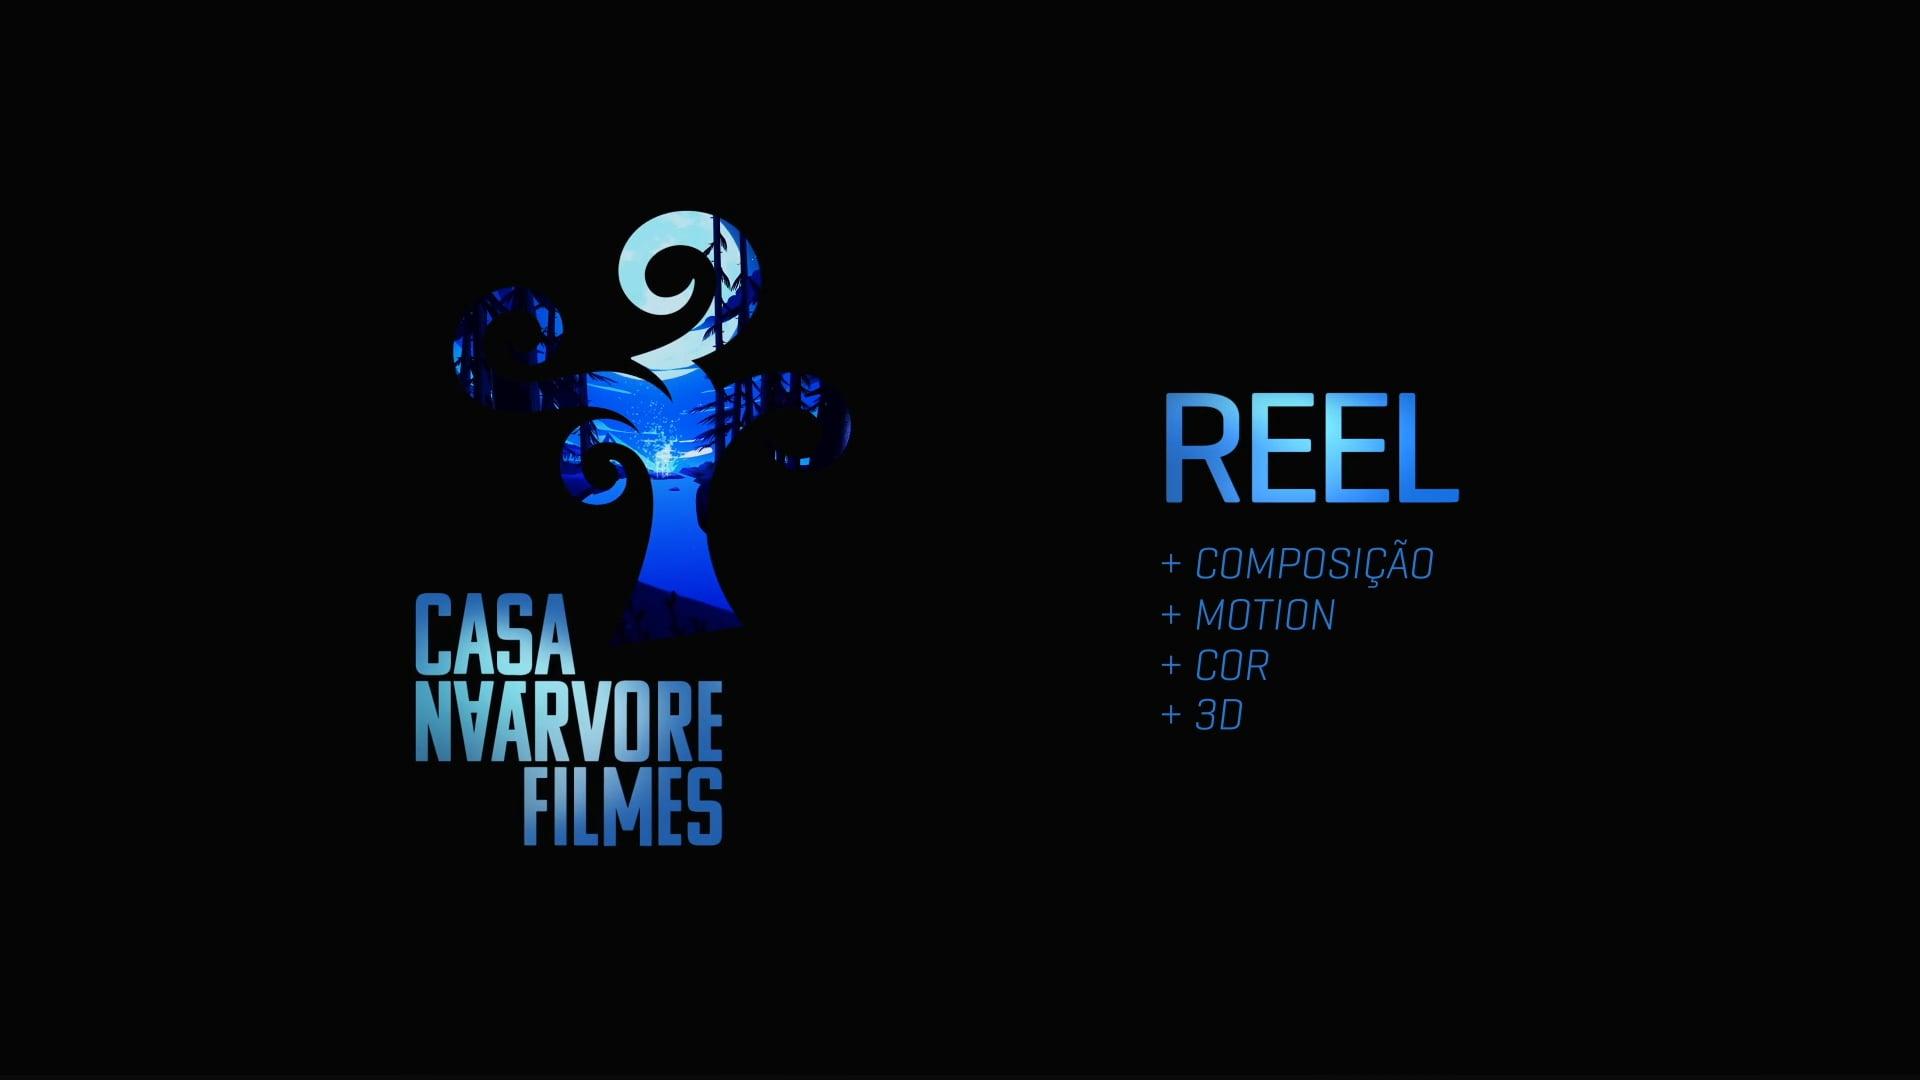 Reel · CG